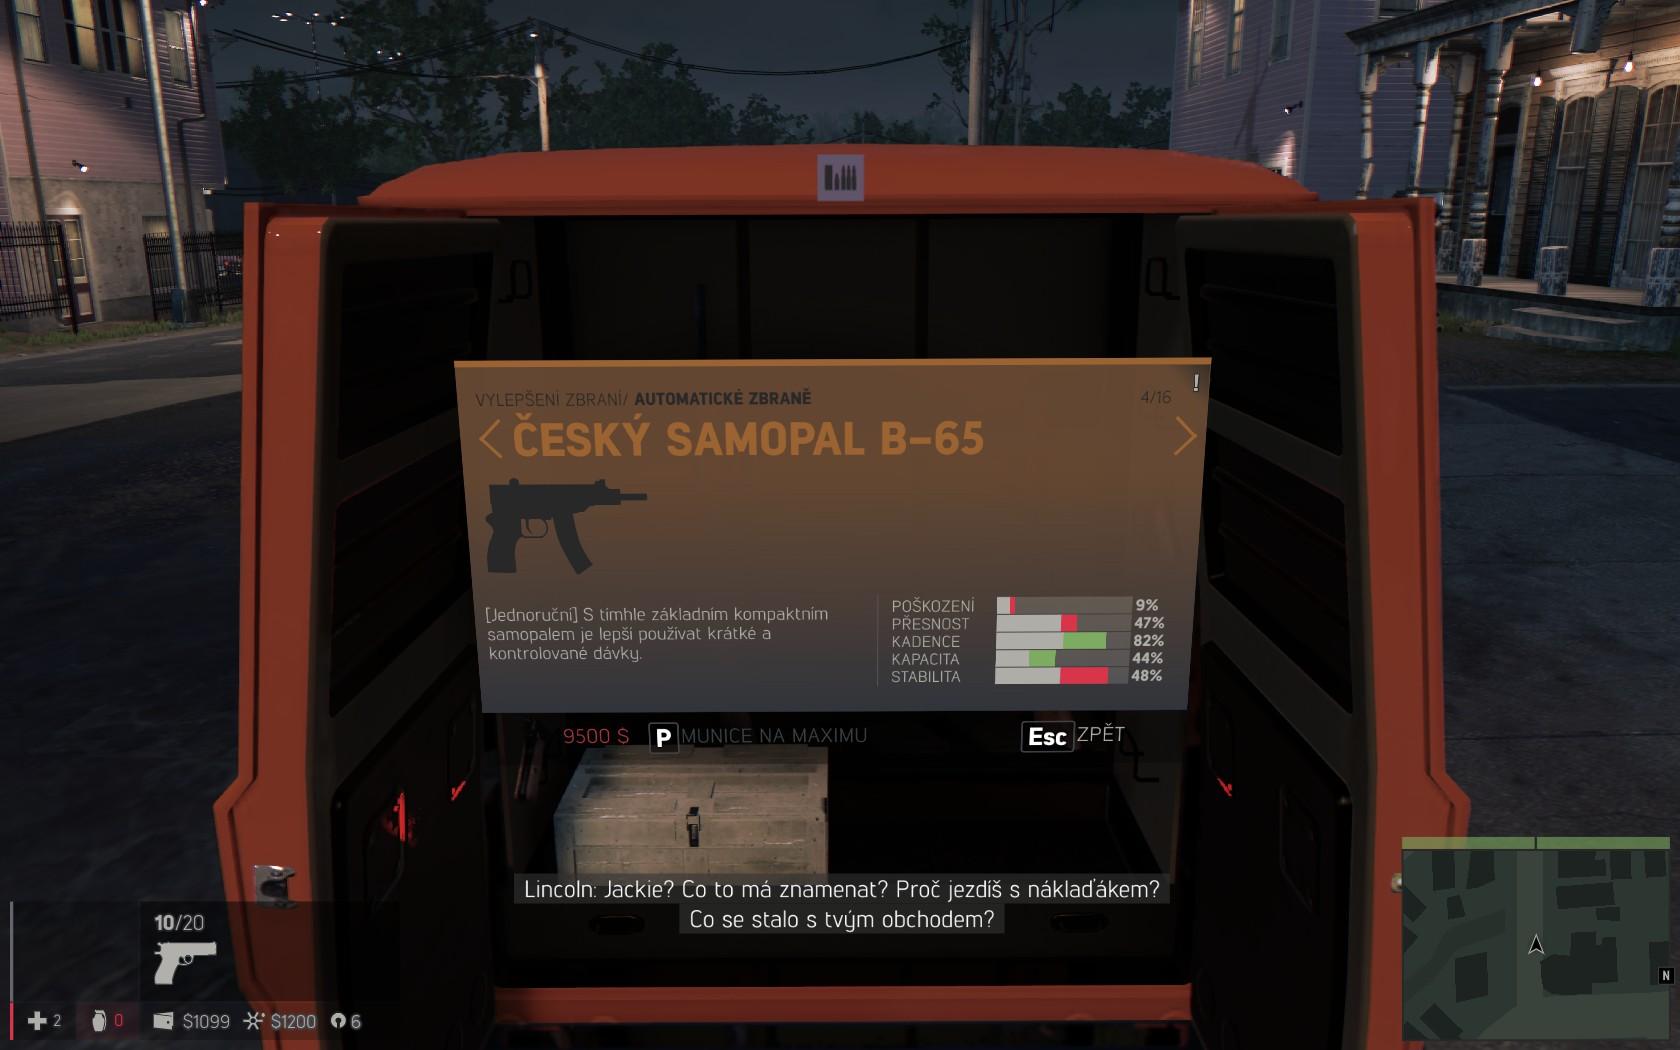 Mafia 3 - gangsterka na jiný způsob 131890